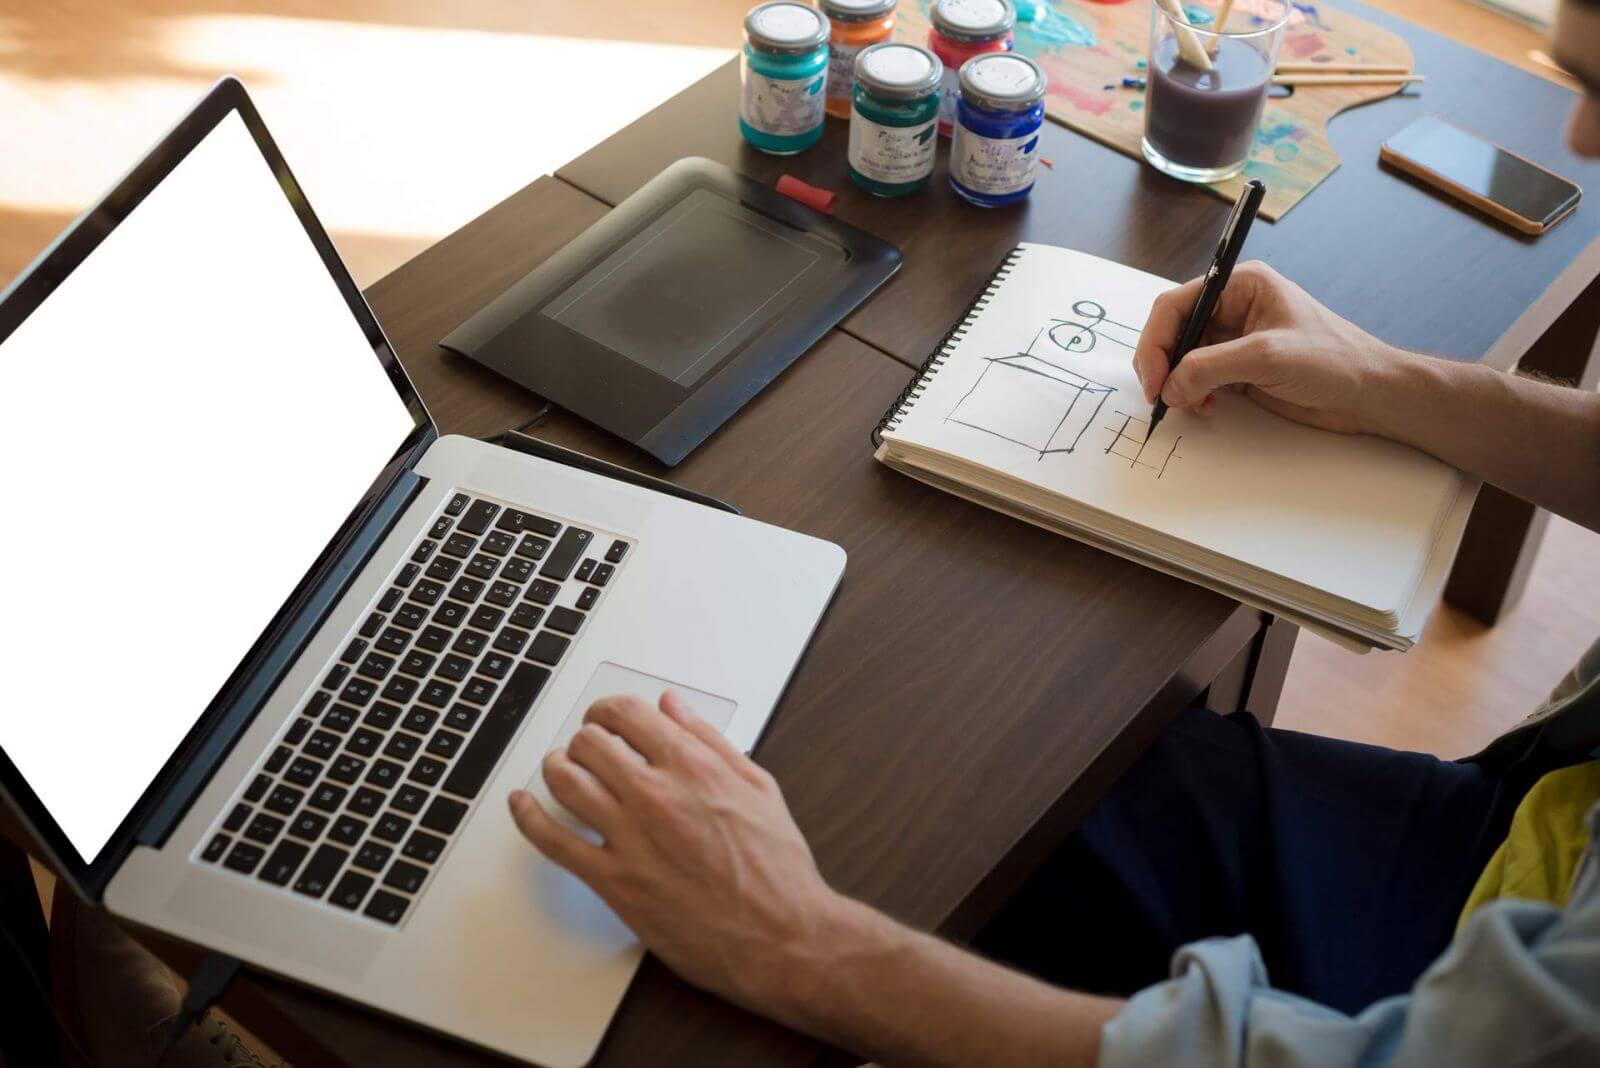 Chọn laptop phải phù hợp với mục đích sử dụng